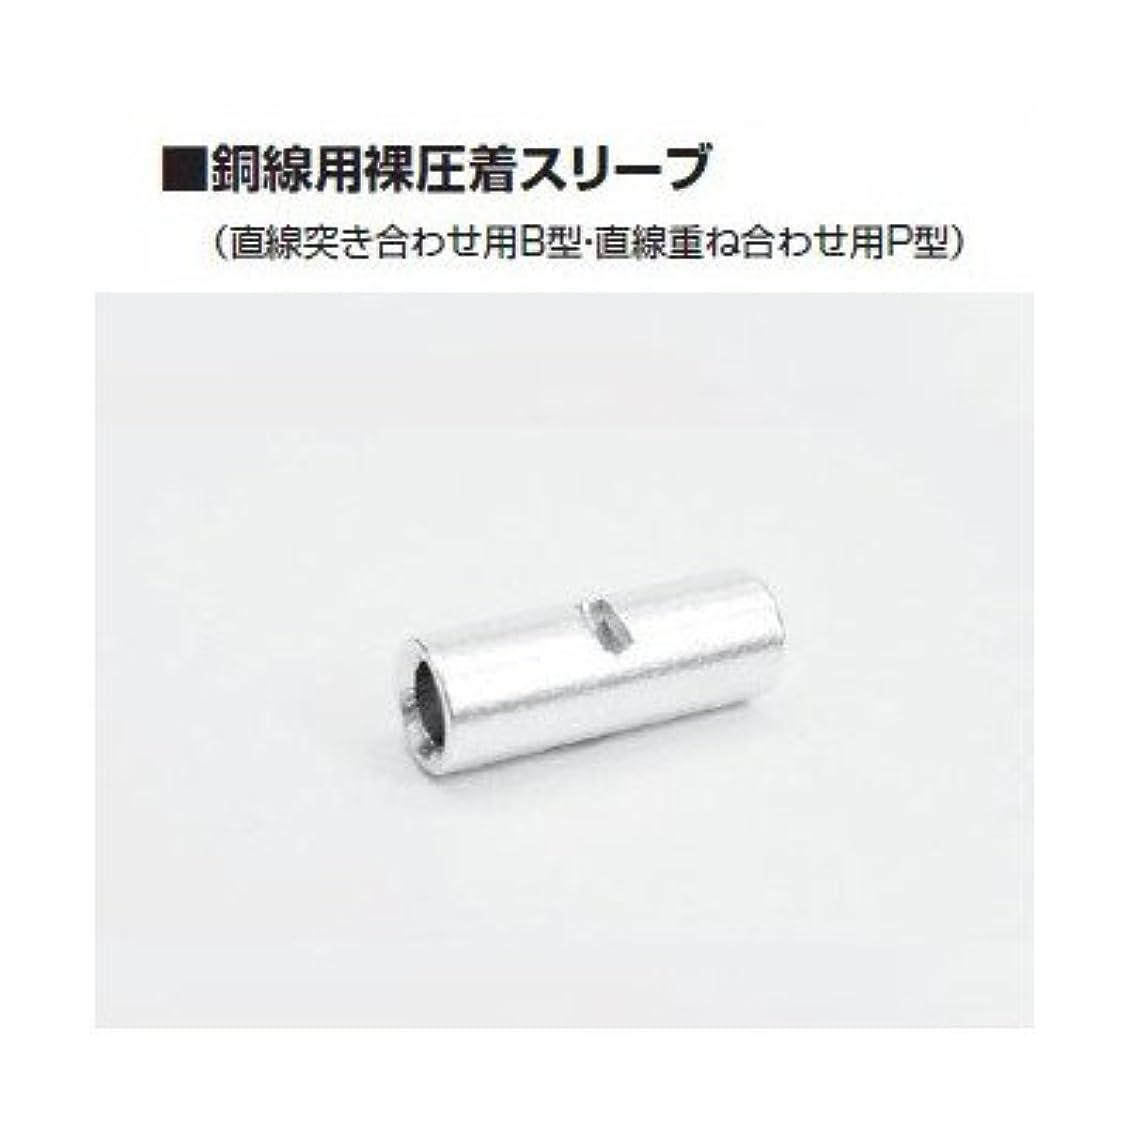 胃歩き回る失業富士端子 銅線用裸圧着スリーブ(直線重ね合わせ用P型)100個 呼び P-22